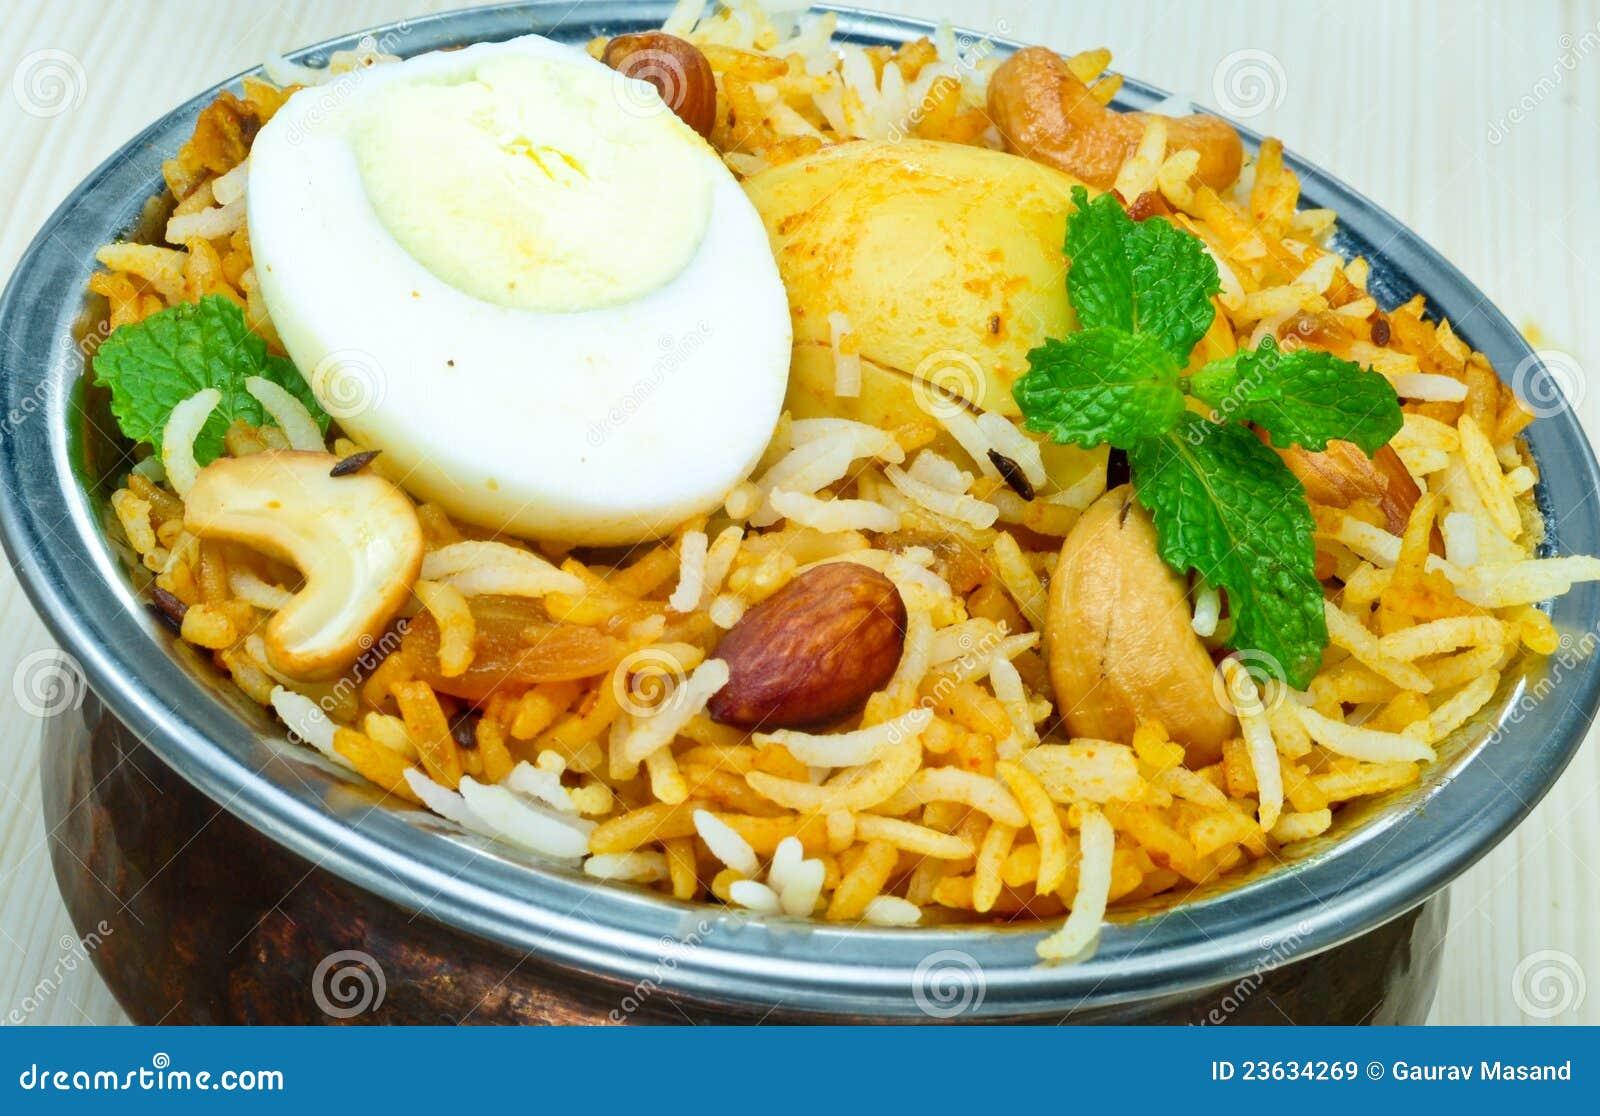 Chicken biryani stock photo. Image of food, dinning, chicken.